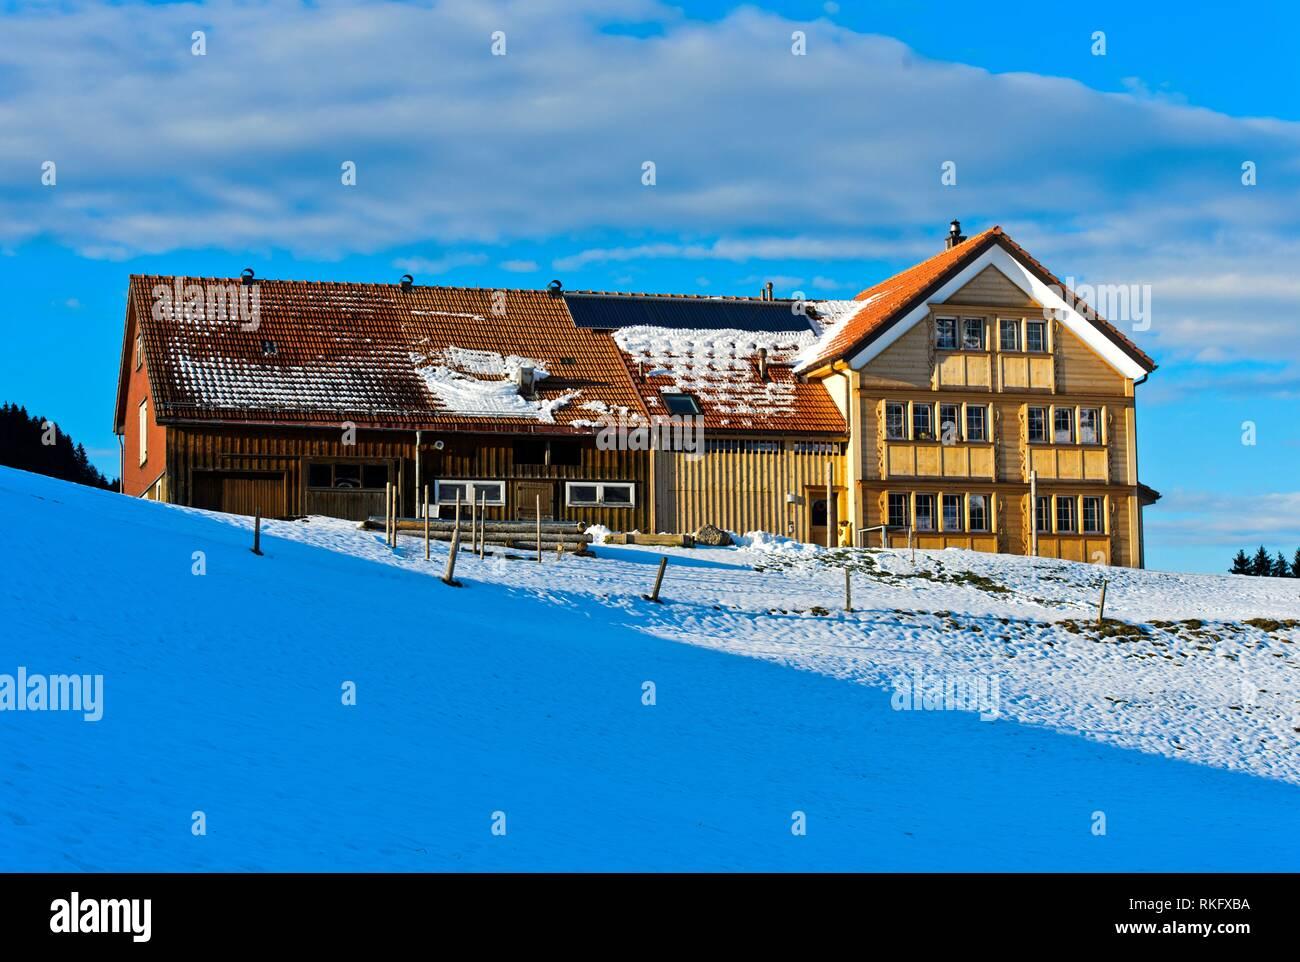 Bauernhof im typischen Appenzeller Stil im Winter, Brugg, Kanton Appenzell Ausserrhoden, Schweiz. Stockbild